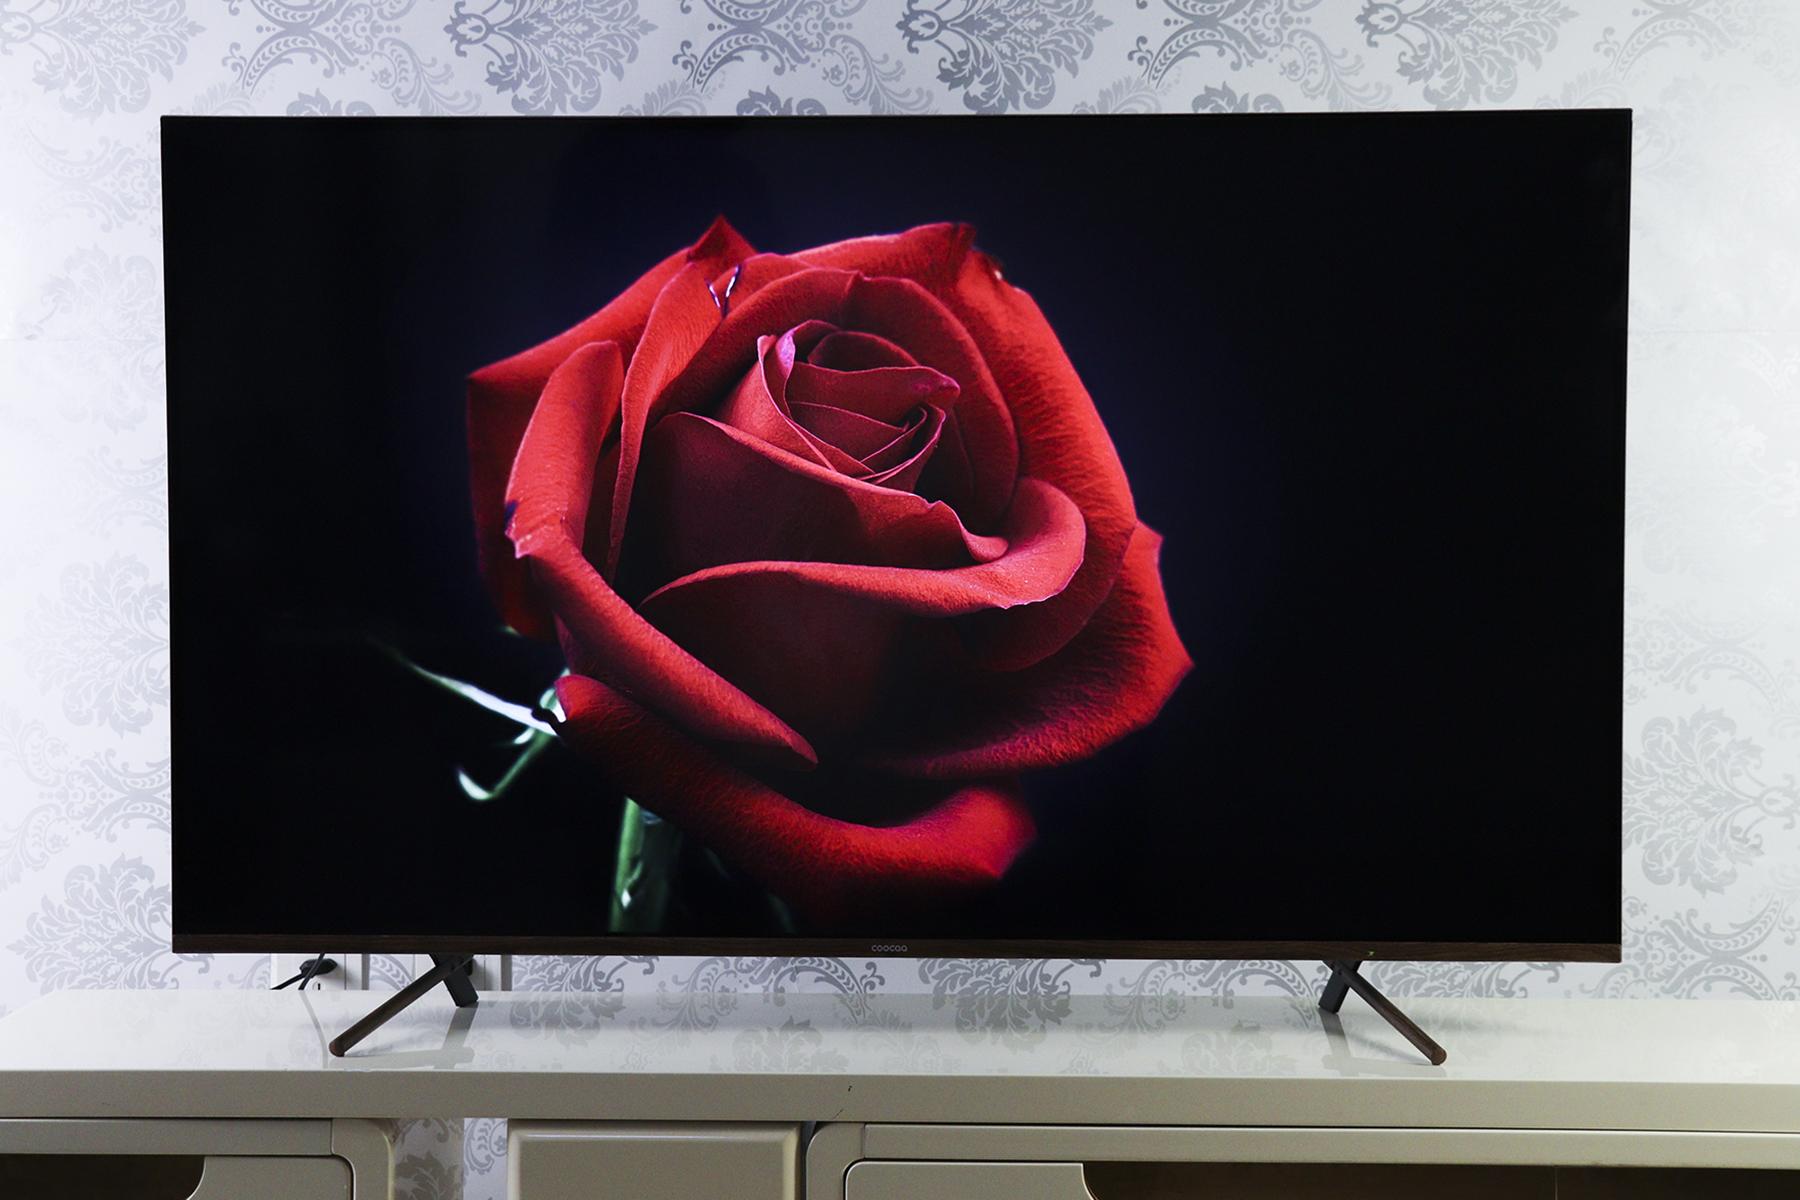 融合中国古典设计美学  酷开C60全面屏护眼电视图赏